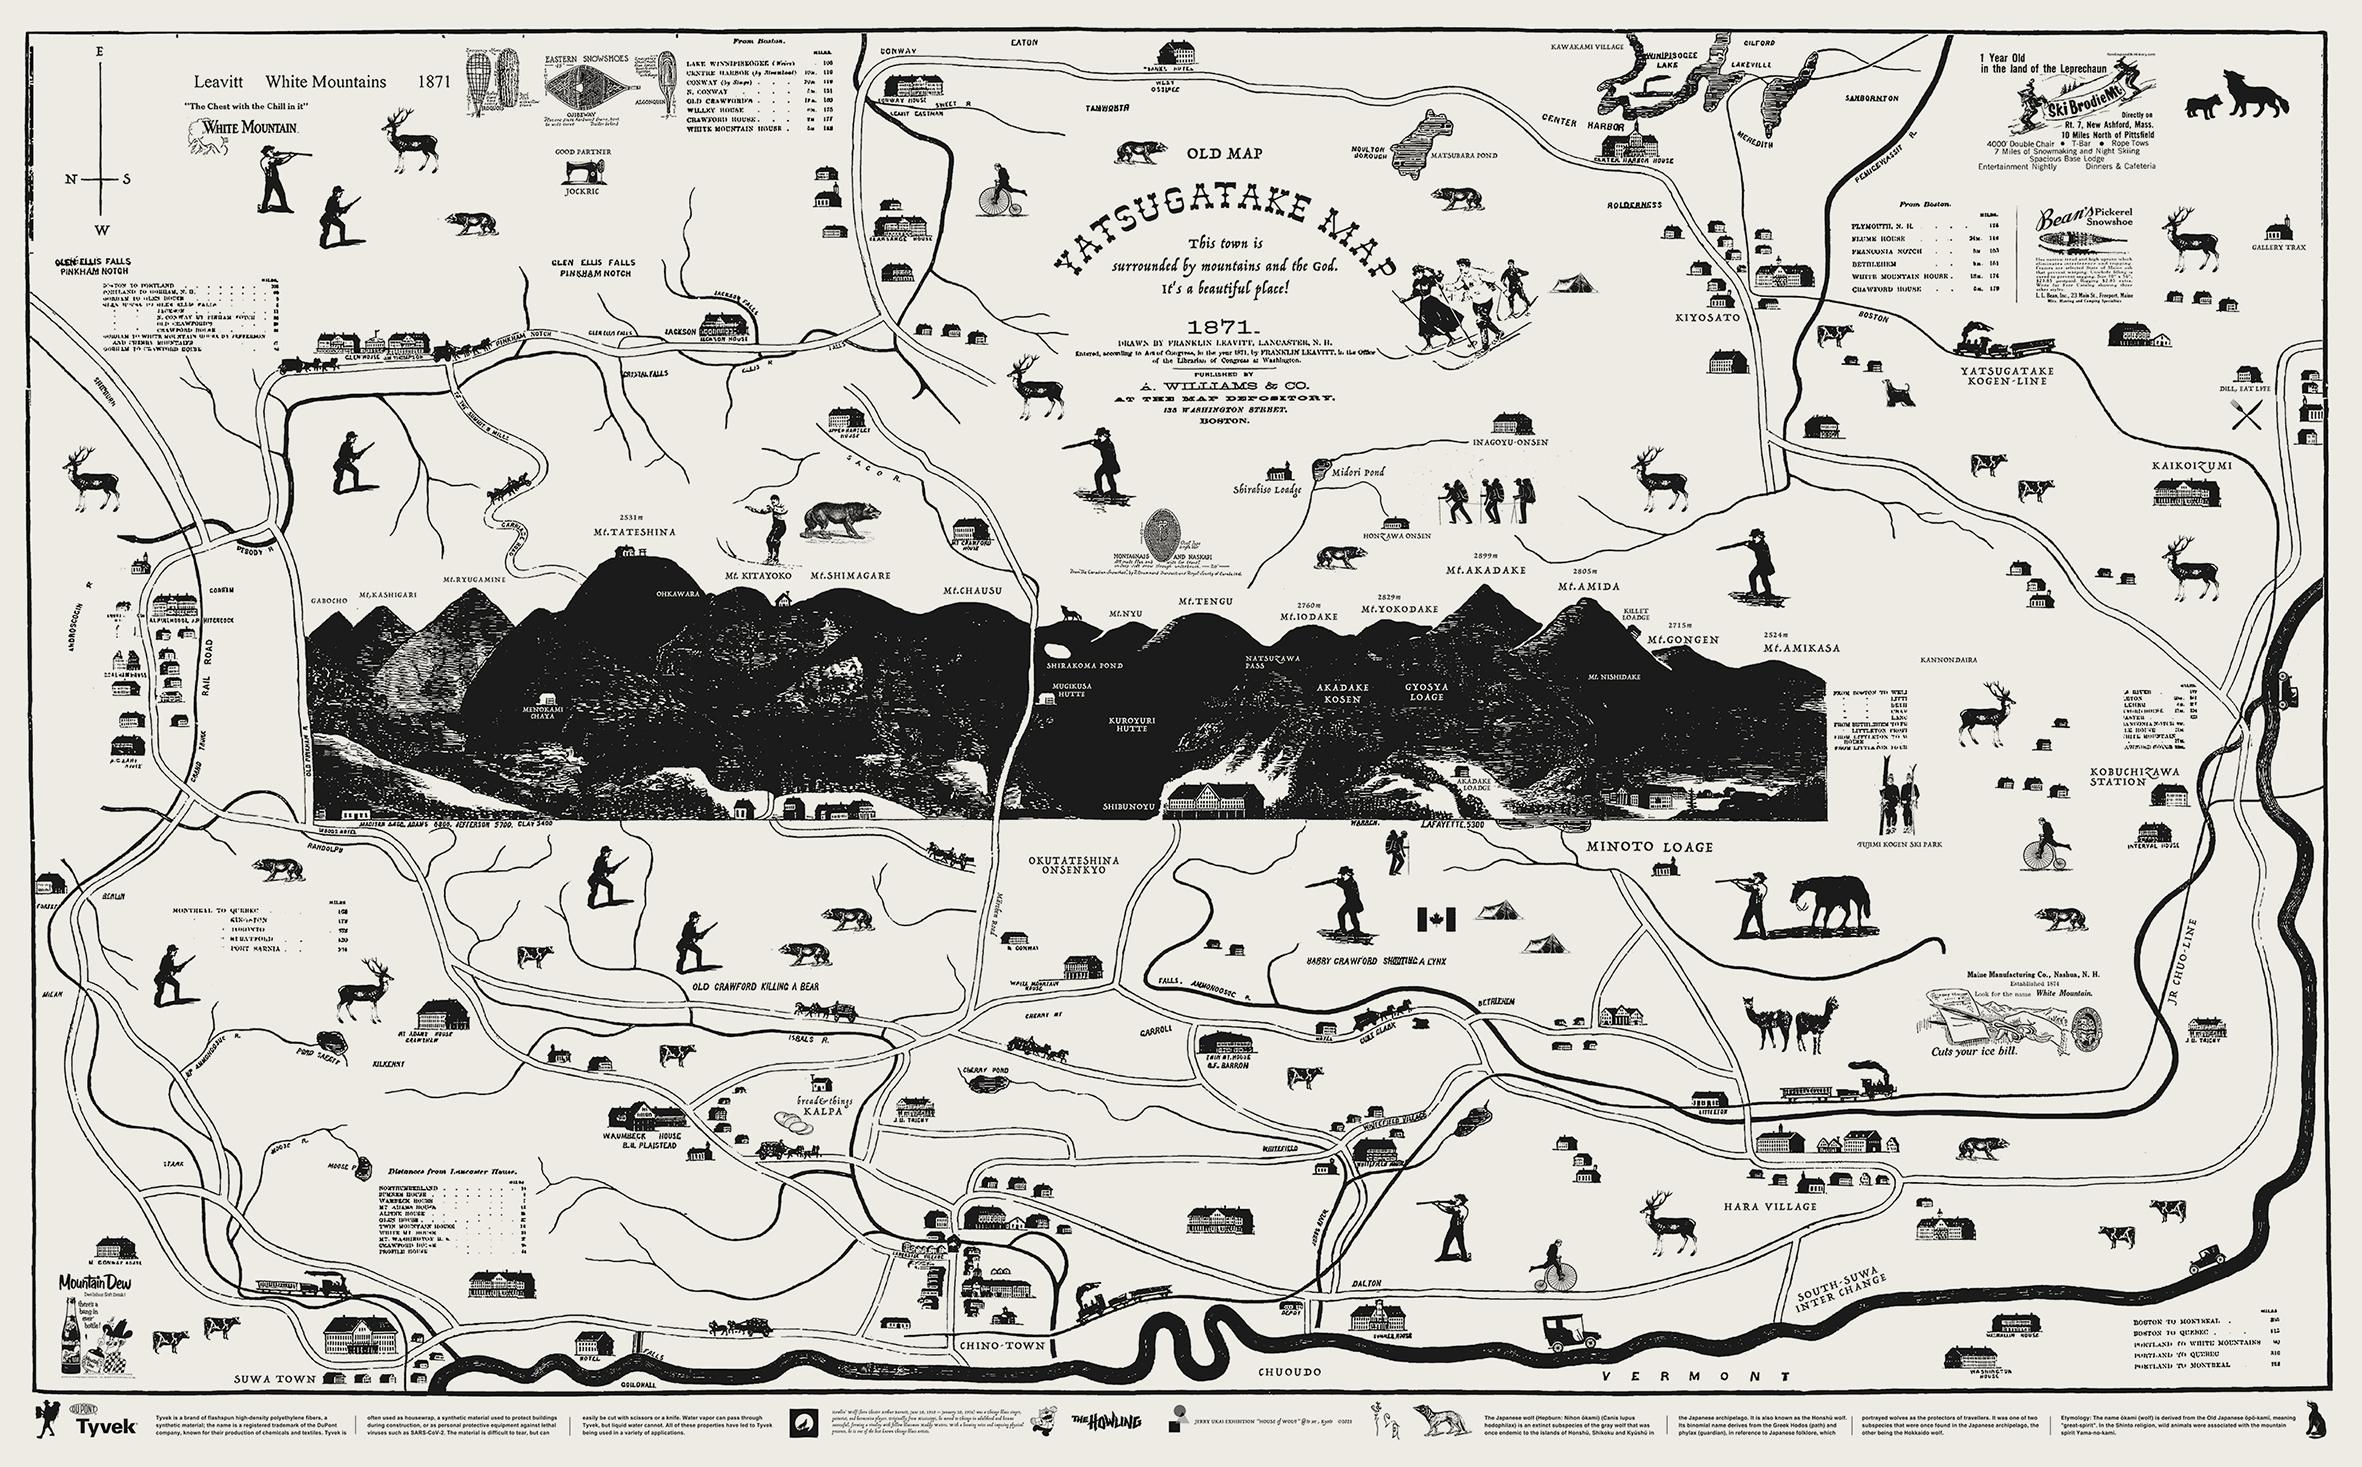 企画展《TO SEE Archive:25》 <br>Jerry Ukai  Solo exhibition<br>『オオカミの家』